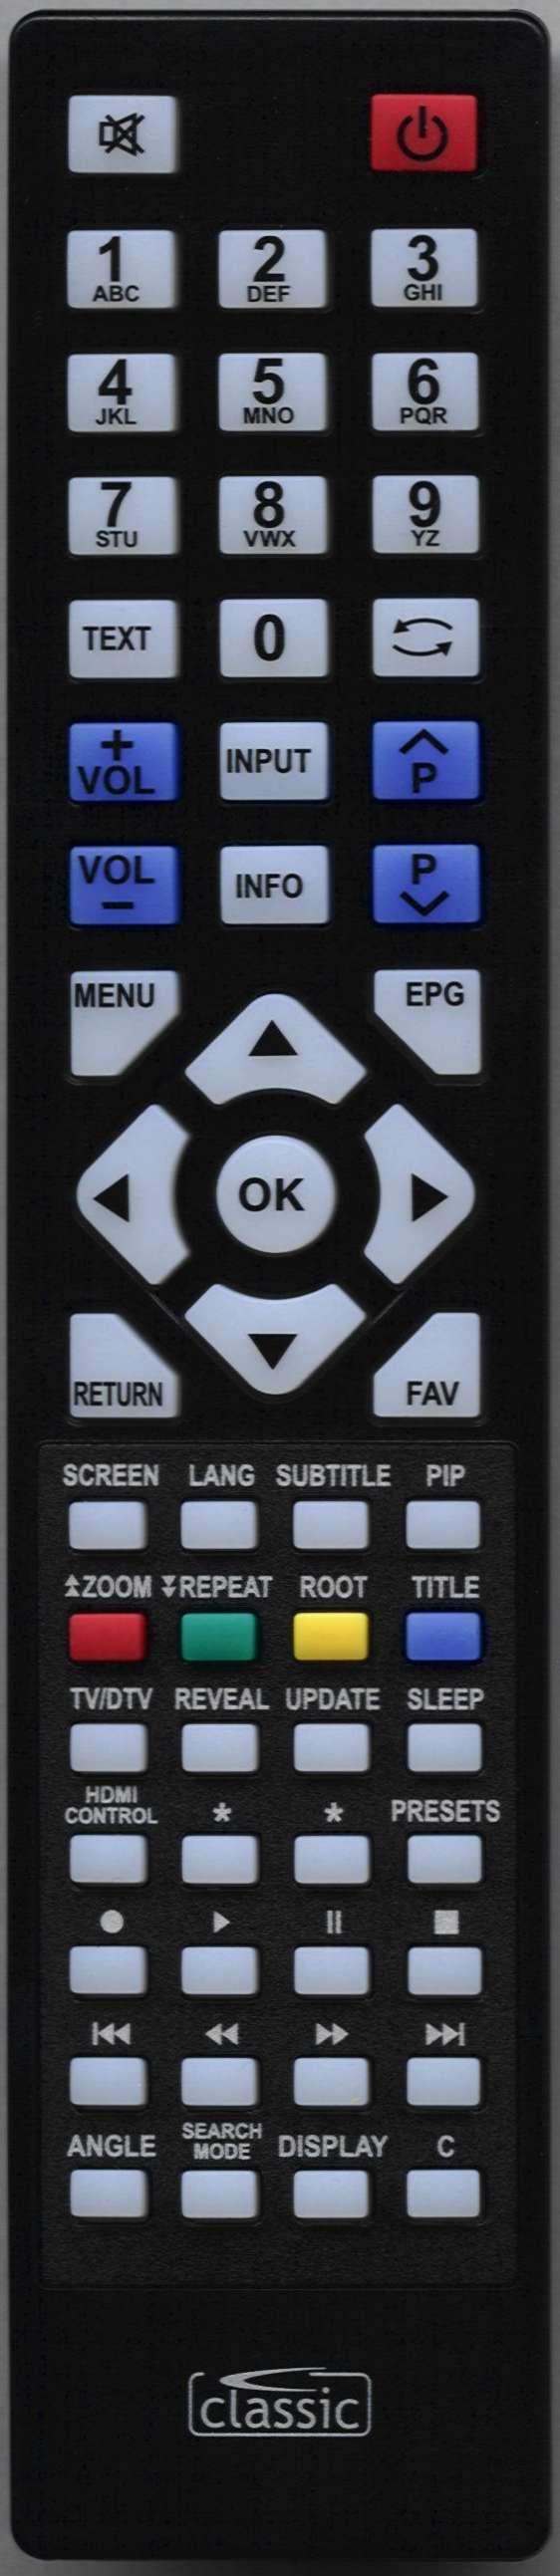 LUXOR LUX40914TVB Remote Control